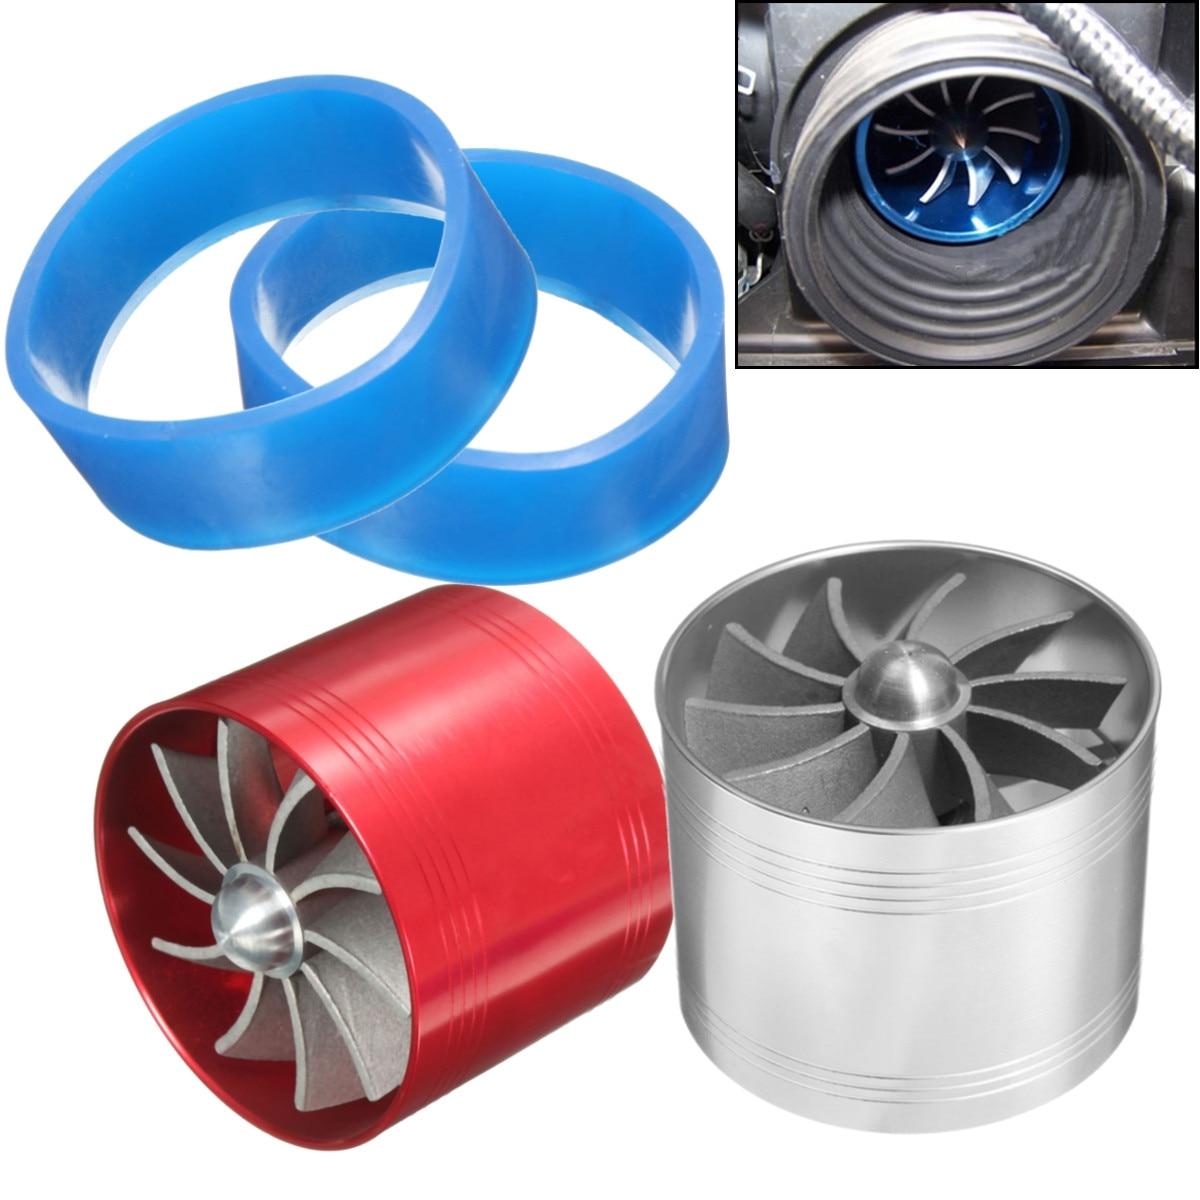 터빈 터보 충전기 터보 차저 에어 필터 흡기 팬 연료 세이버 증가를위한 새로운 범용 자동차 연료 가스 보호기 과급기